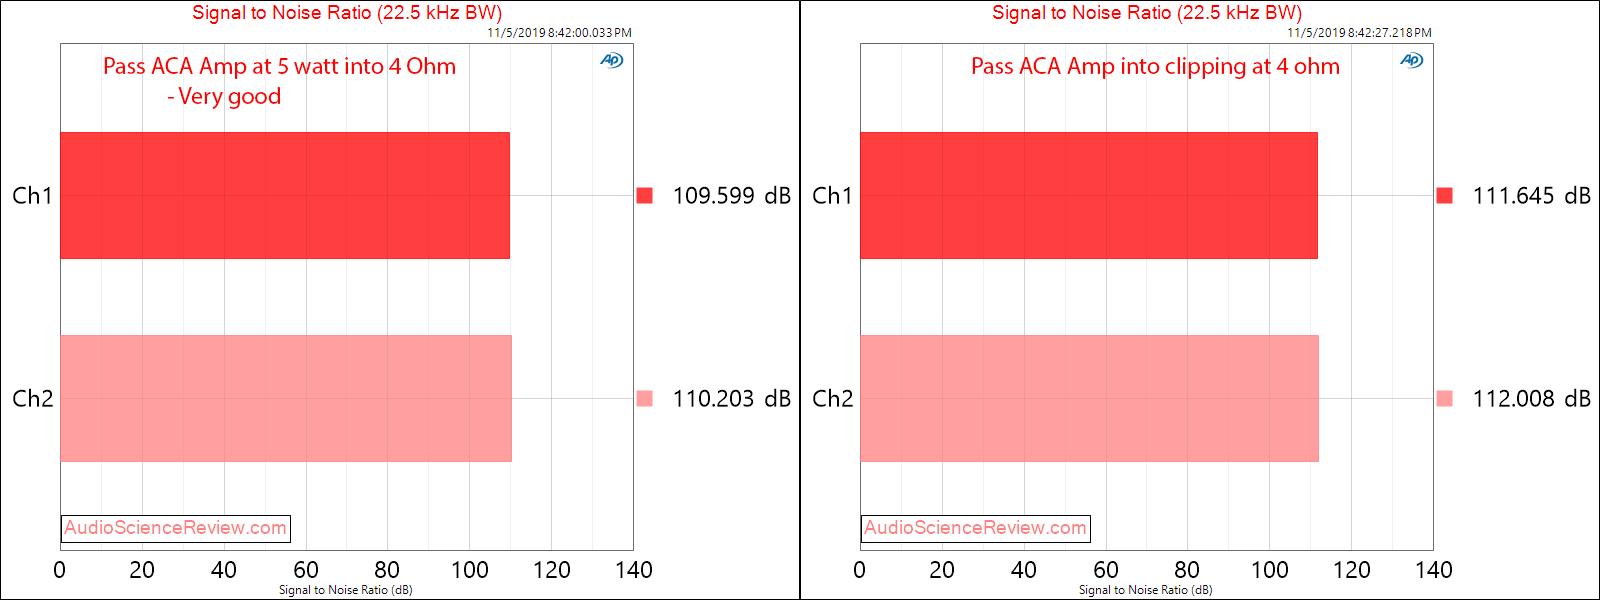 Pass ACA Class A Amplifier snr Audio Measurements.png